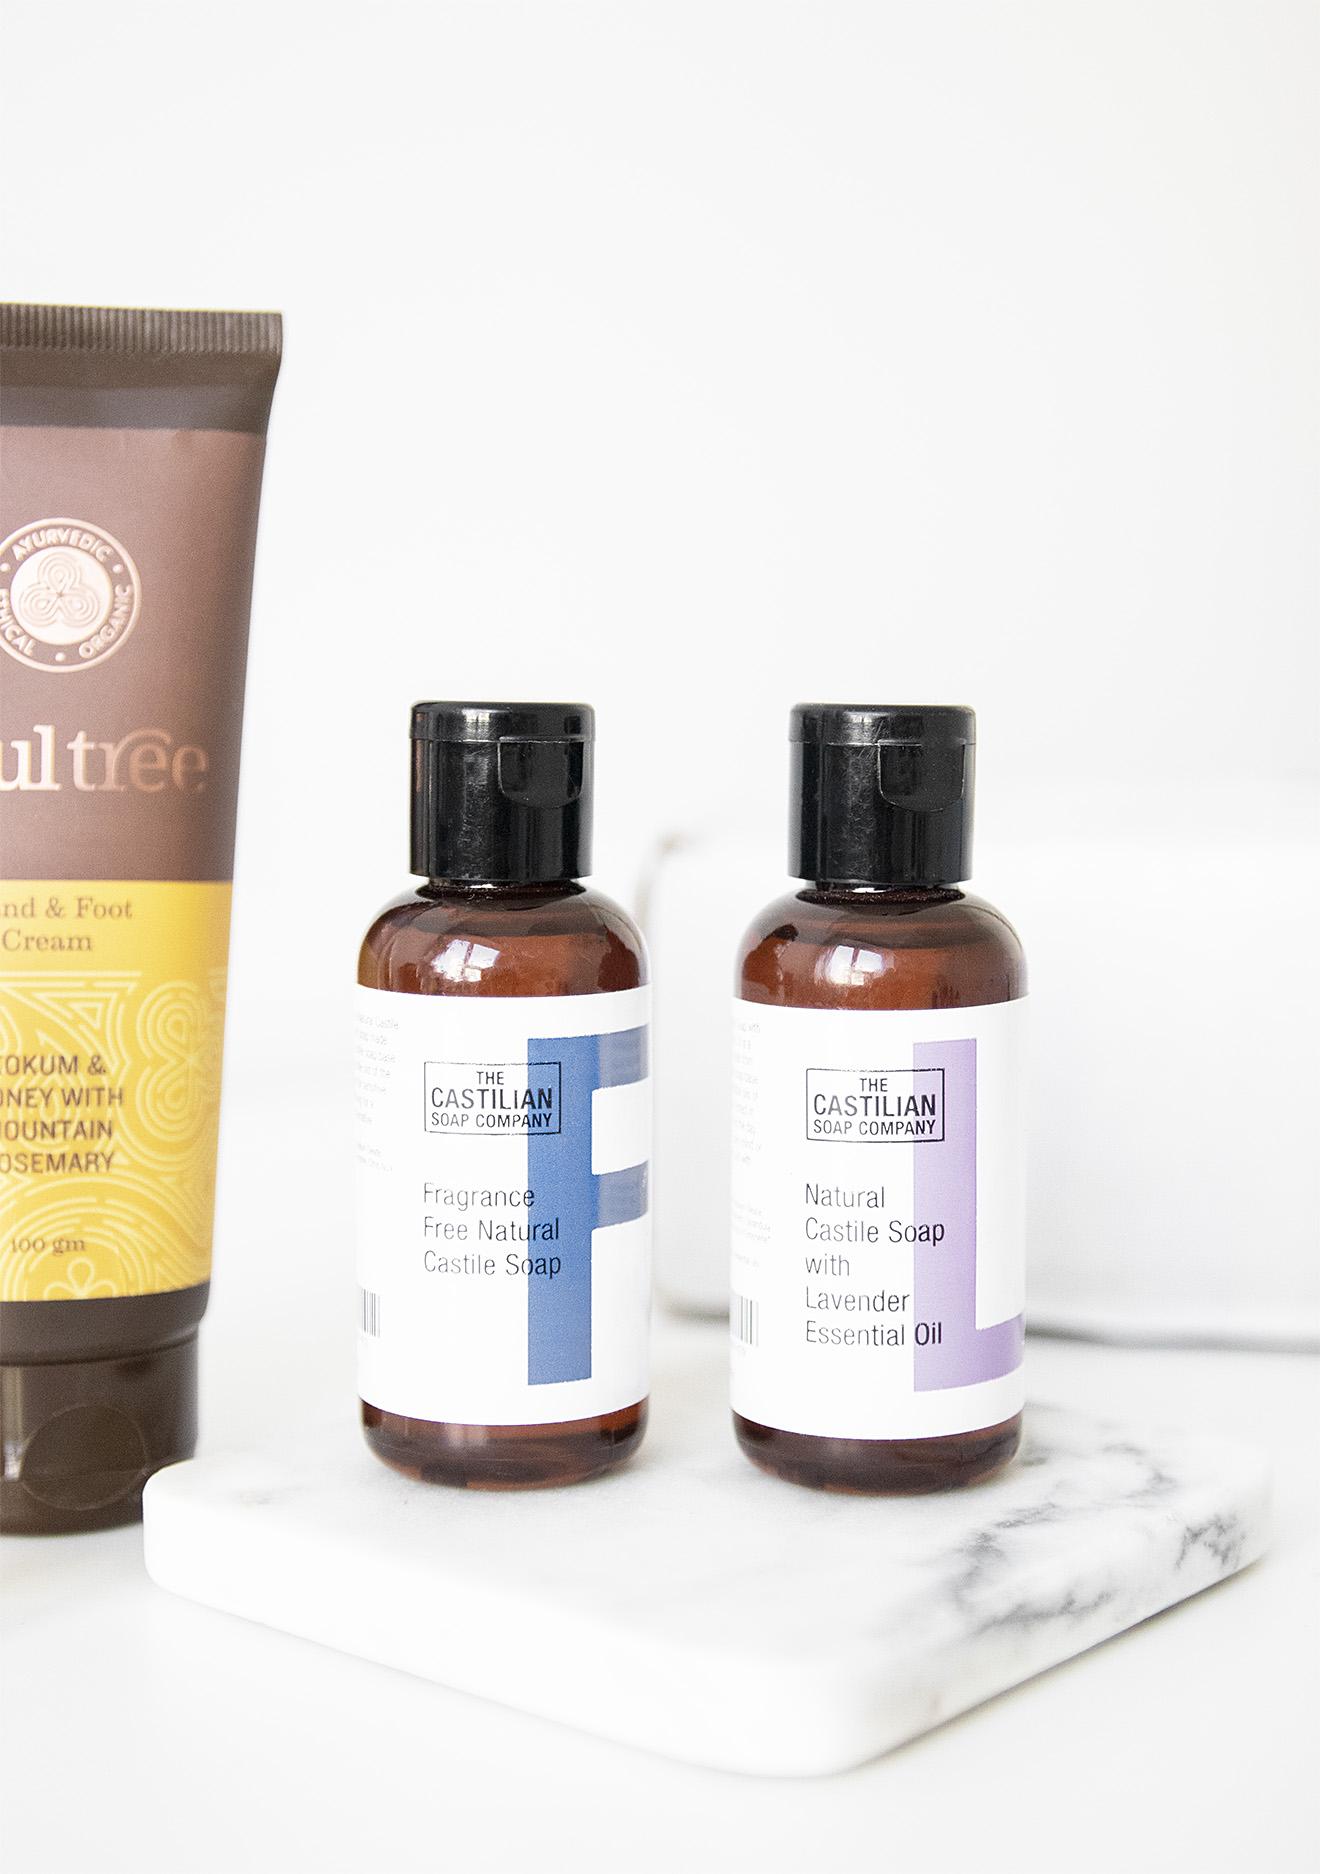 The Castilian Soap Company Natural Castile Soap